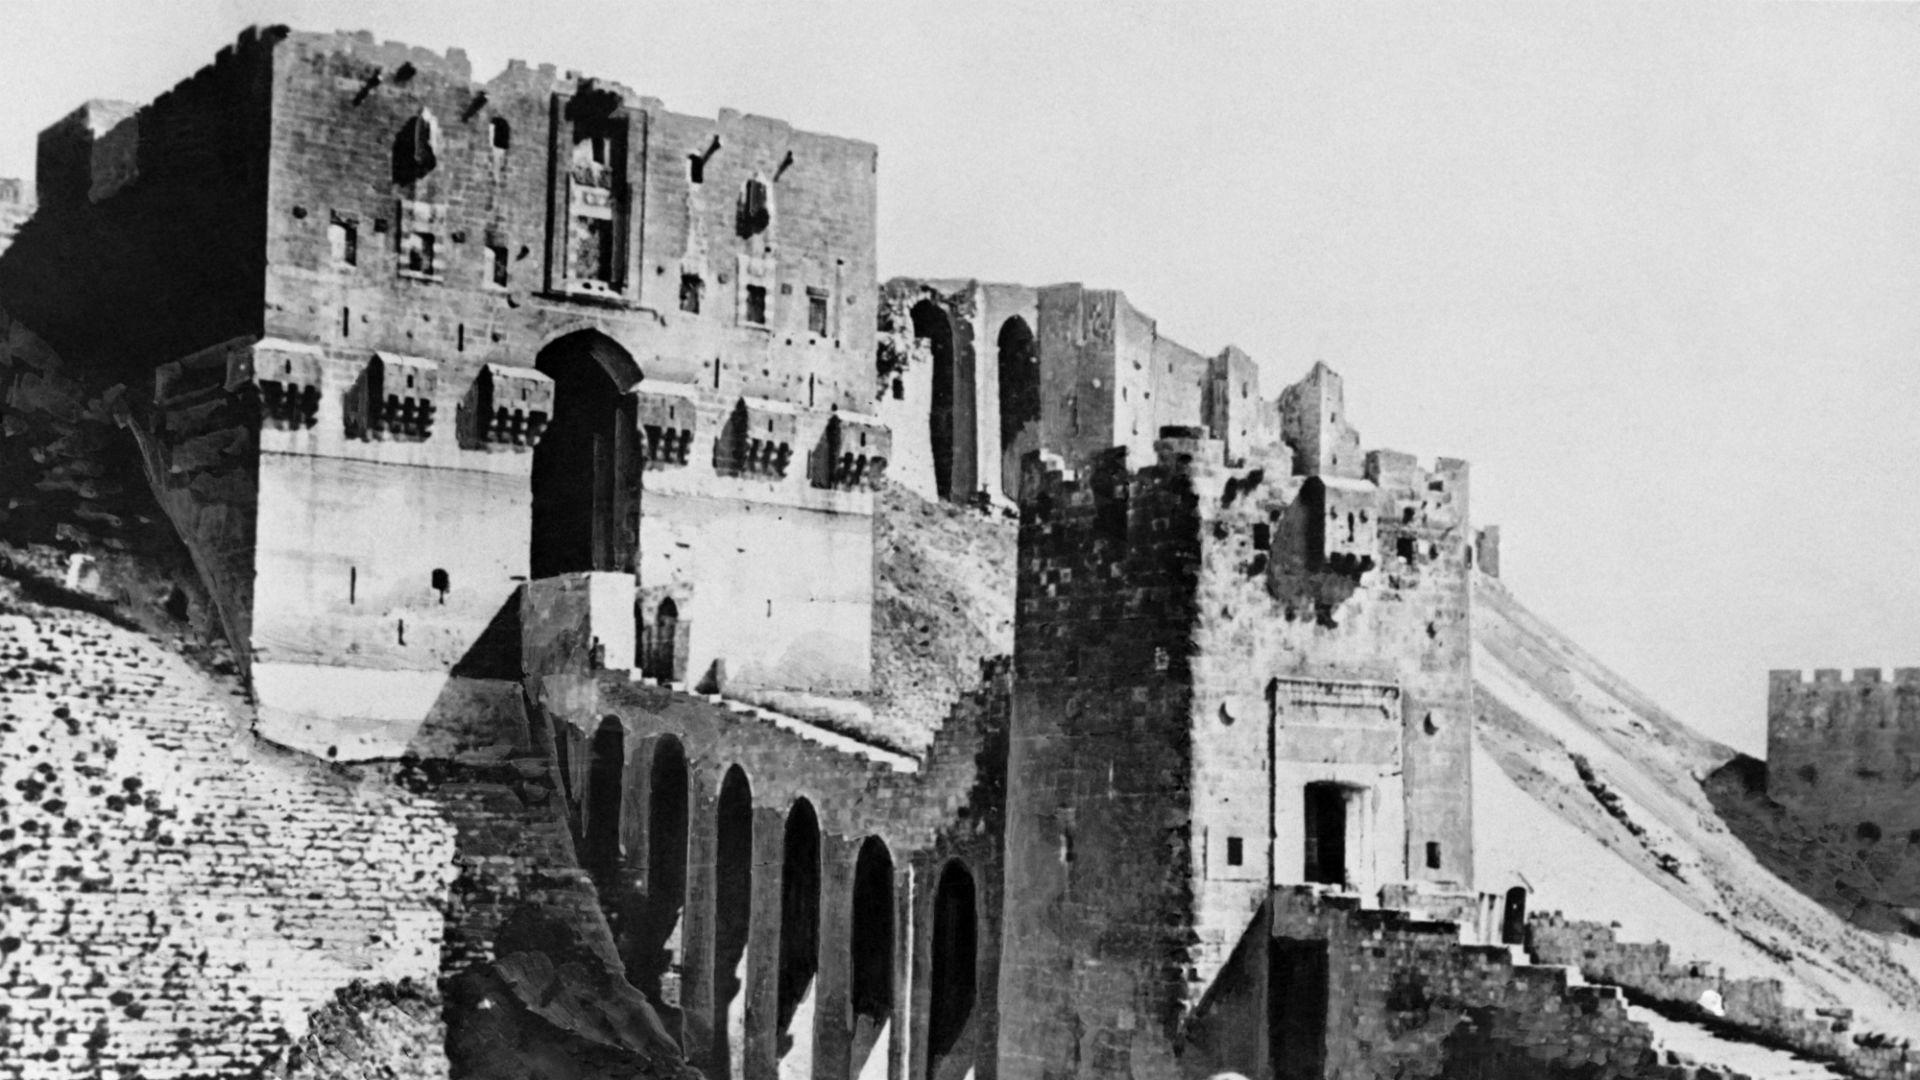 Aleppo, Syria (1138)